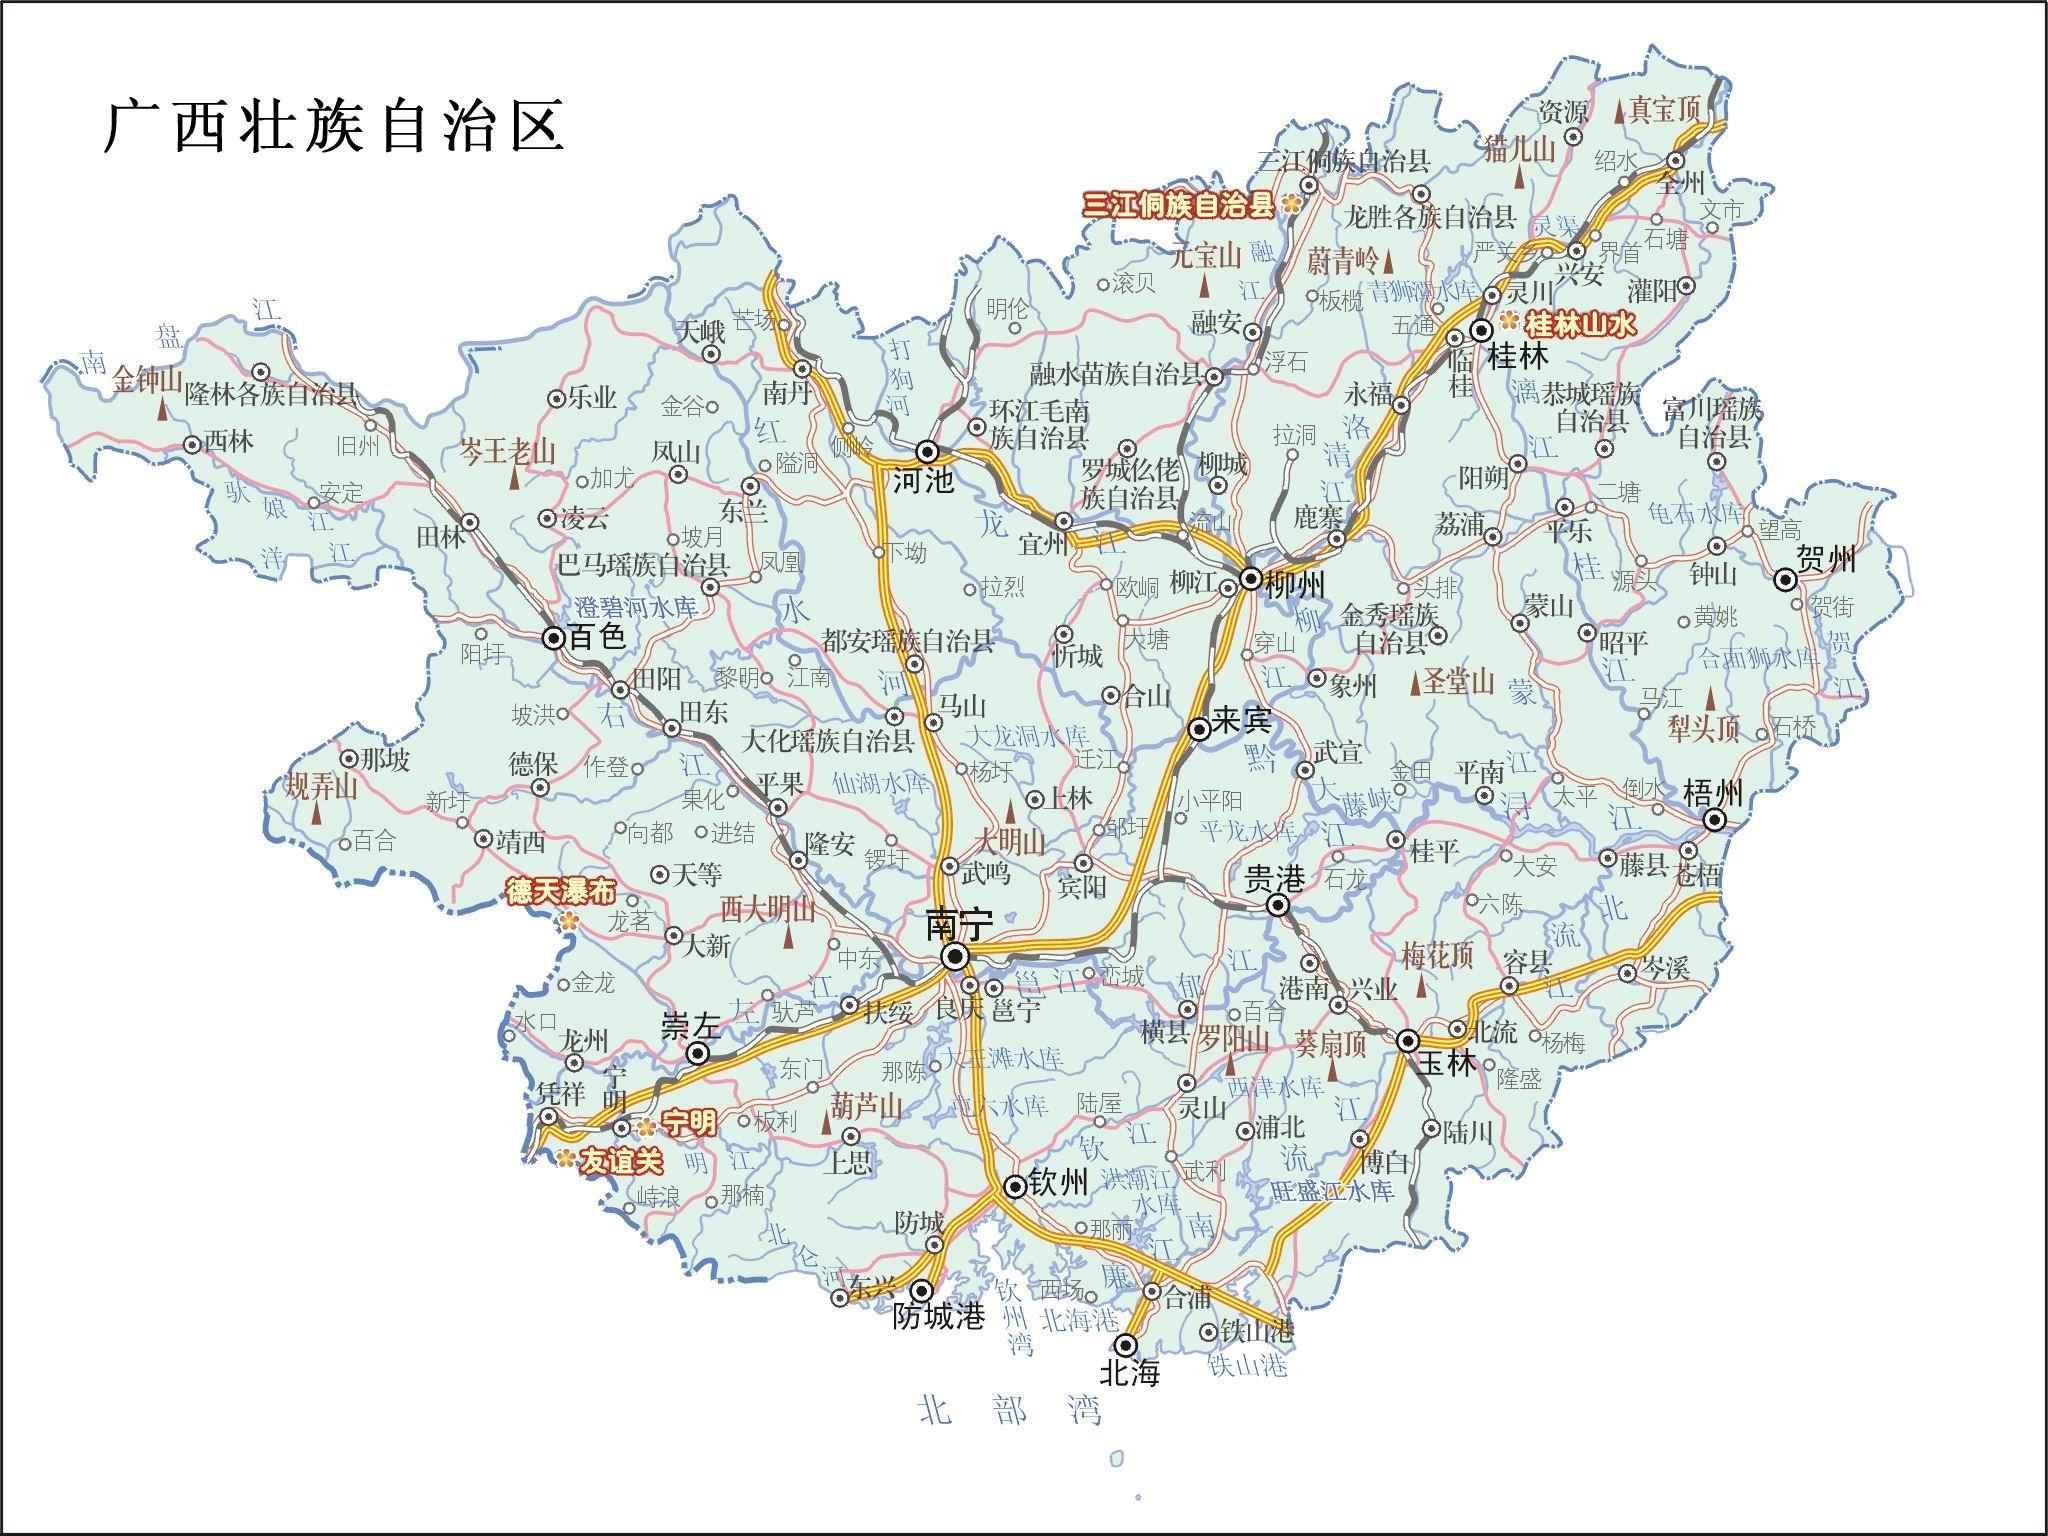 地方行政区划地图